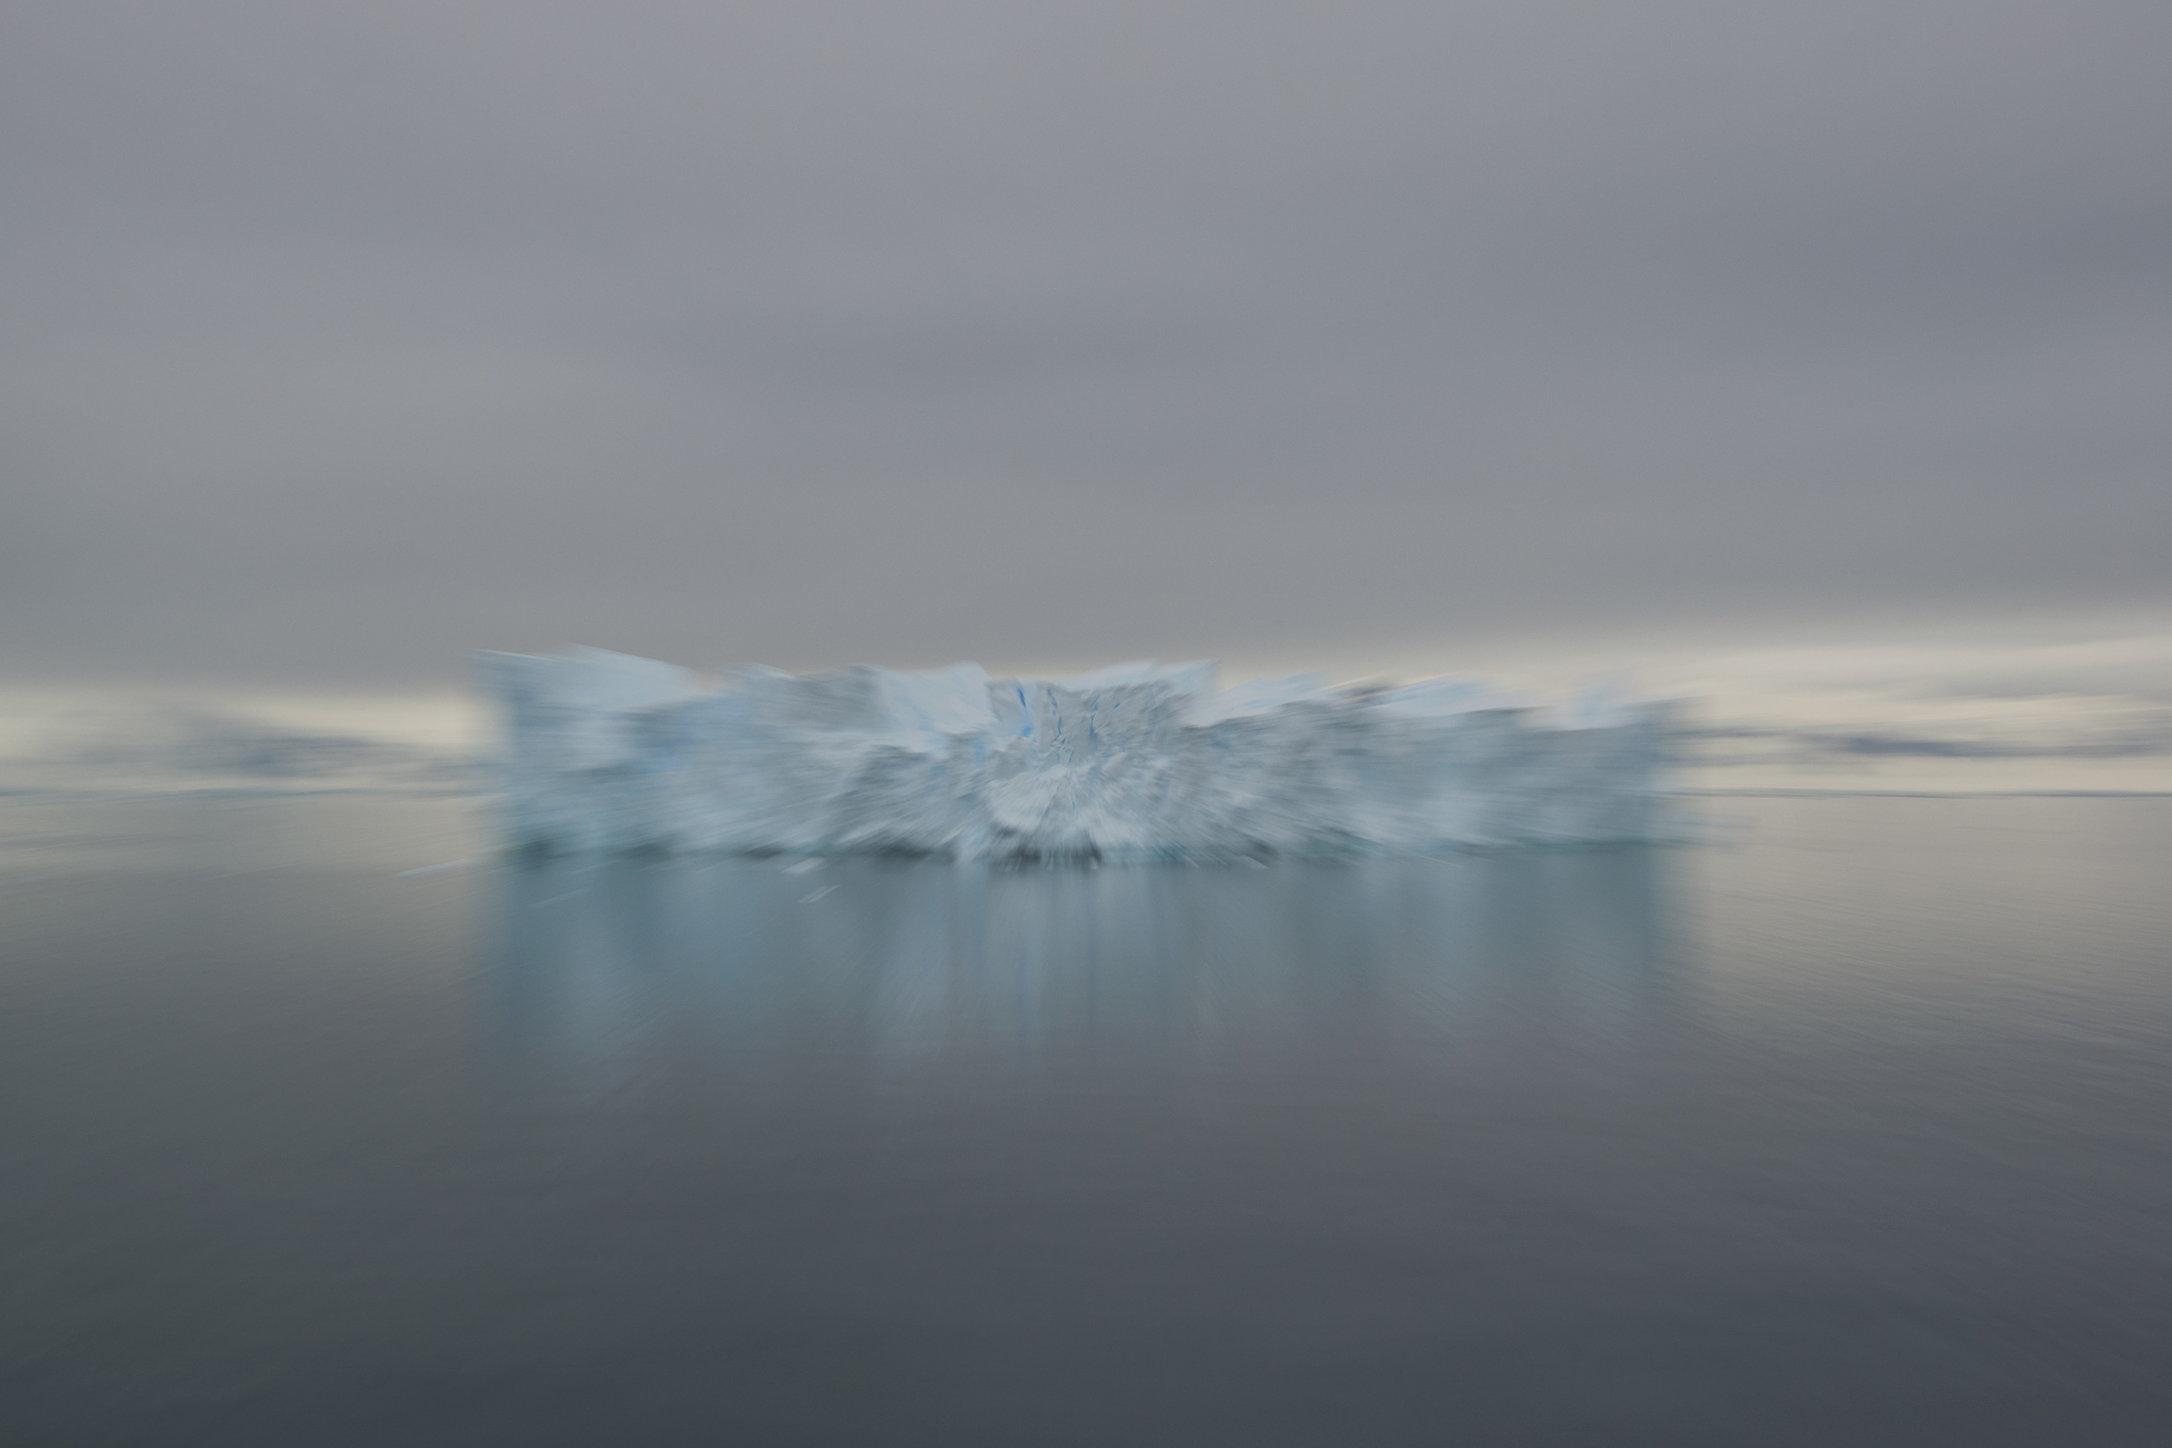 Land / Antarctica / Gerlache Strait